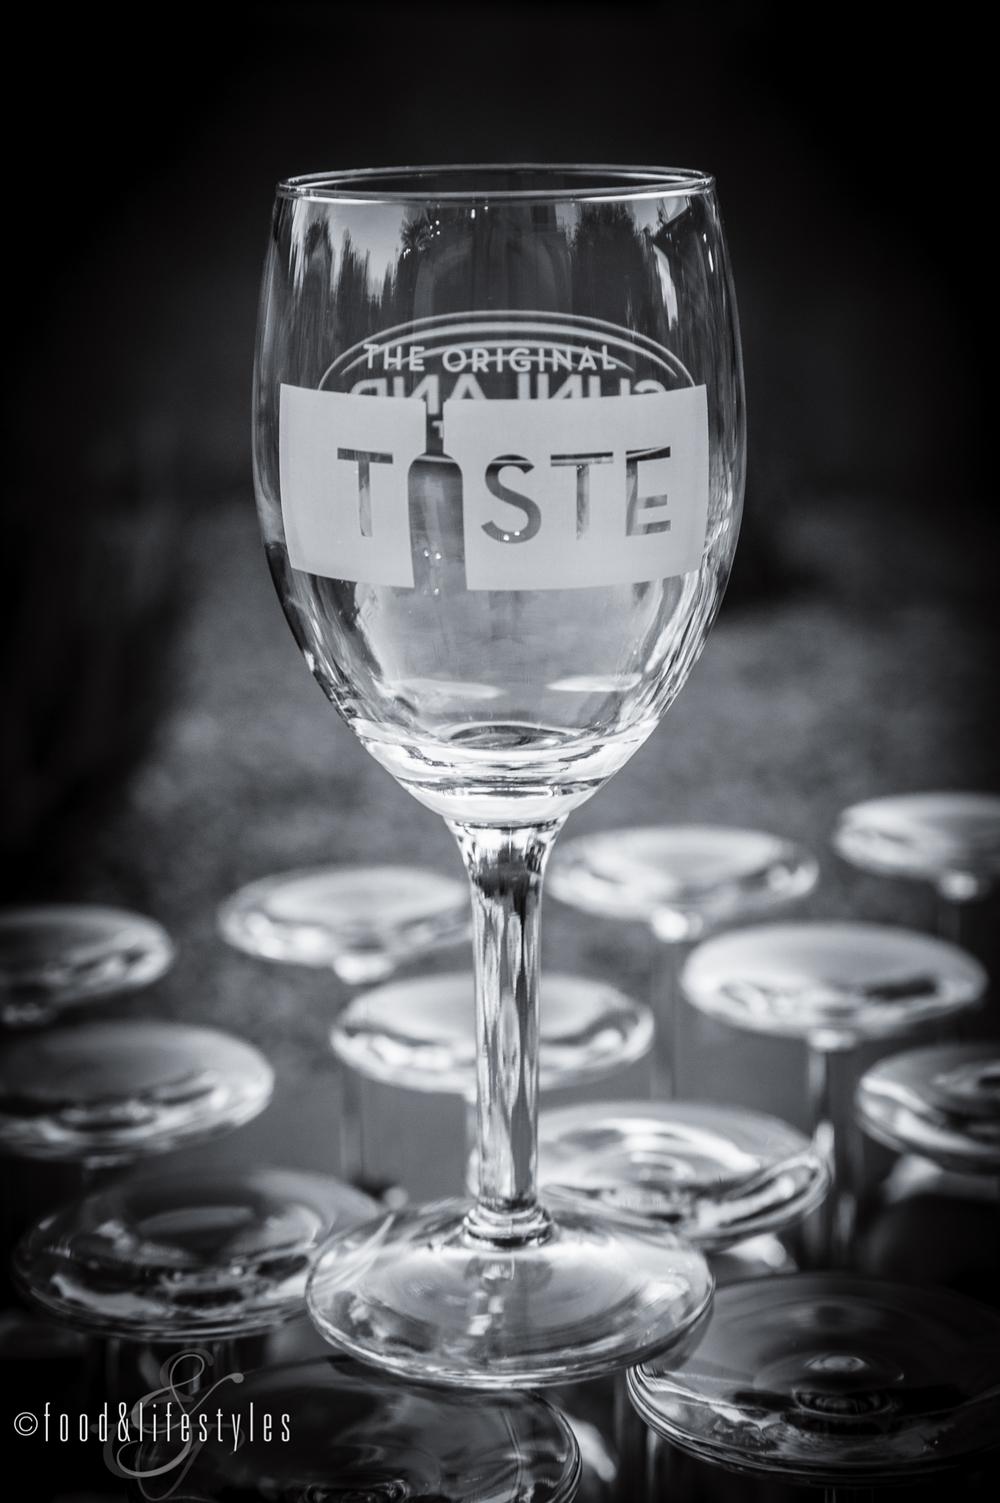 The Original Taste 2016